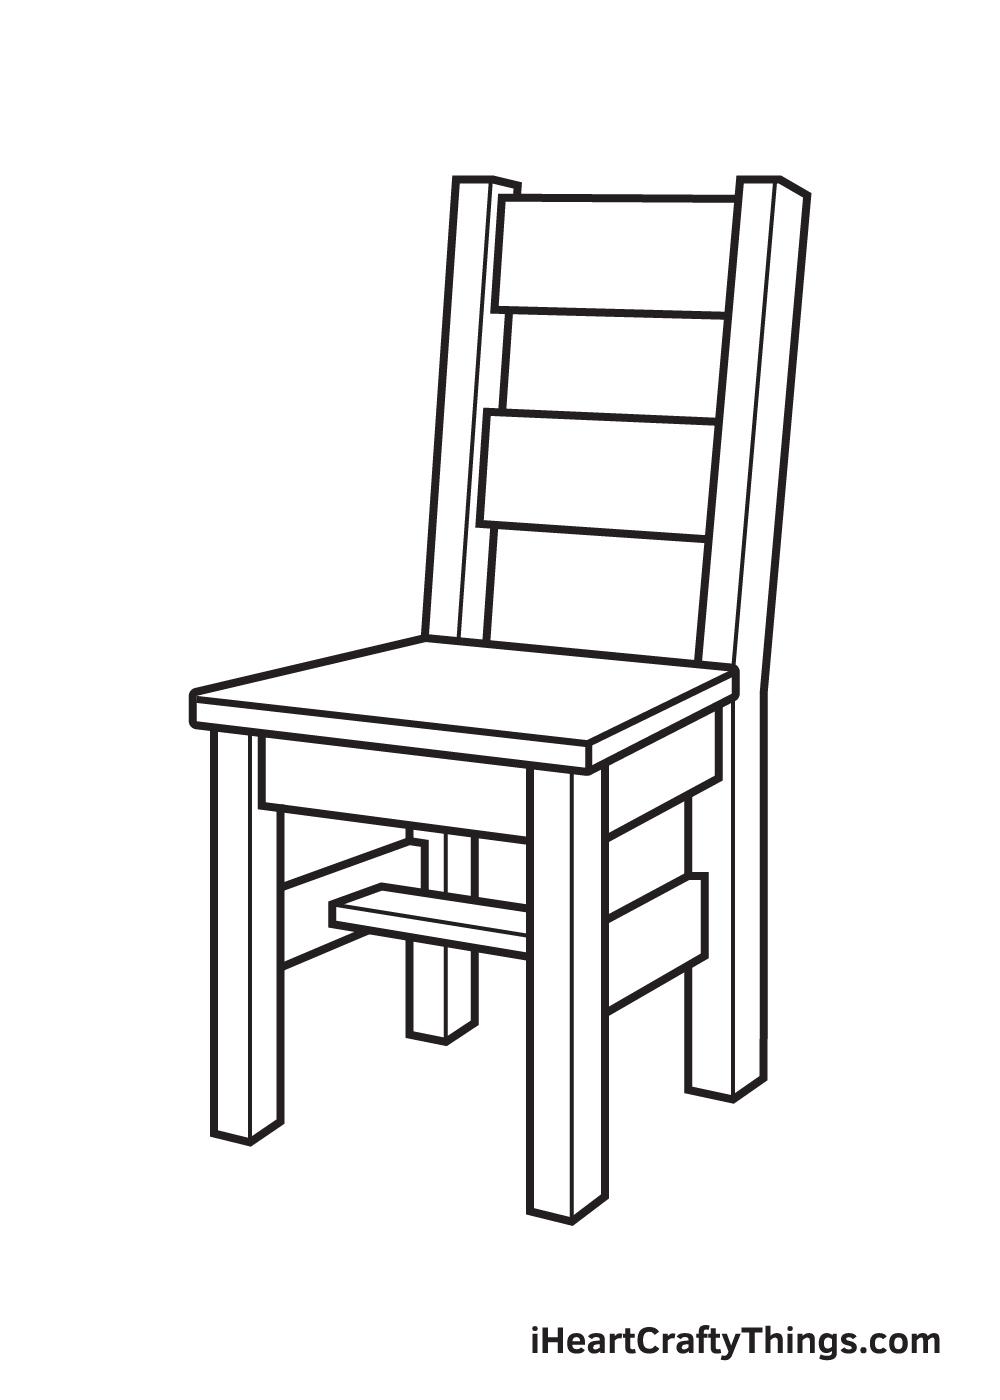 Vẽ ghế - Bước 9